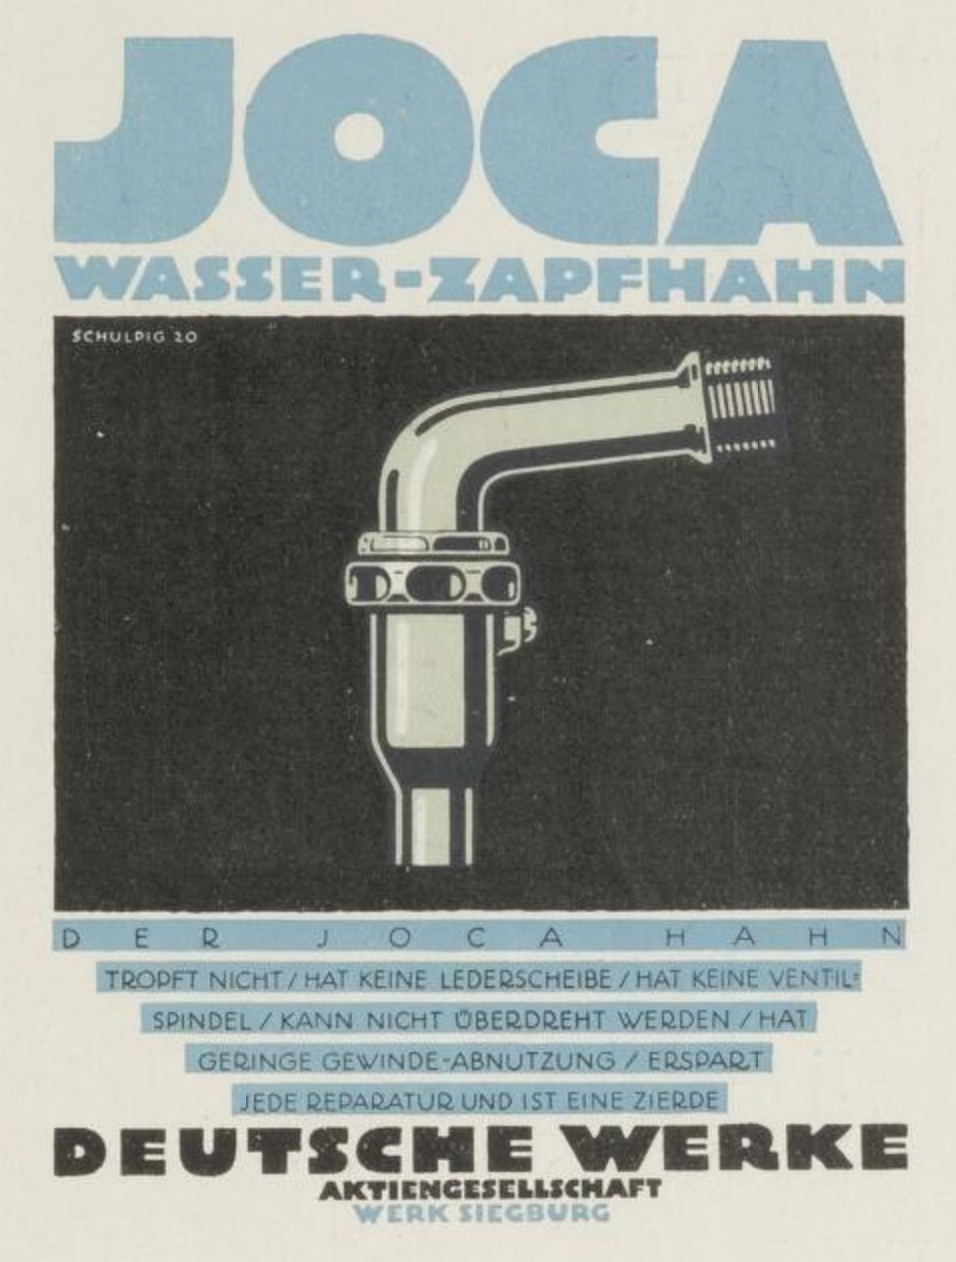 Joca Wasser-Zapfhahn Deutsche Werke ad prospectus by Karl Schulpig